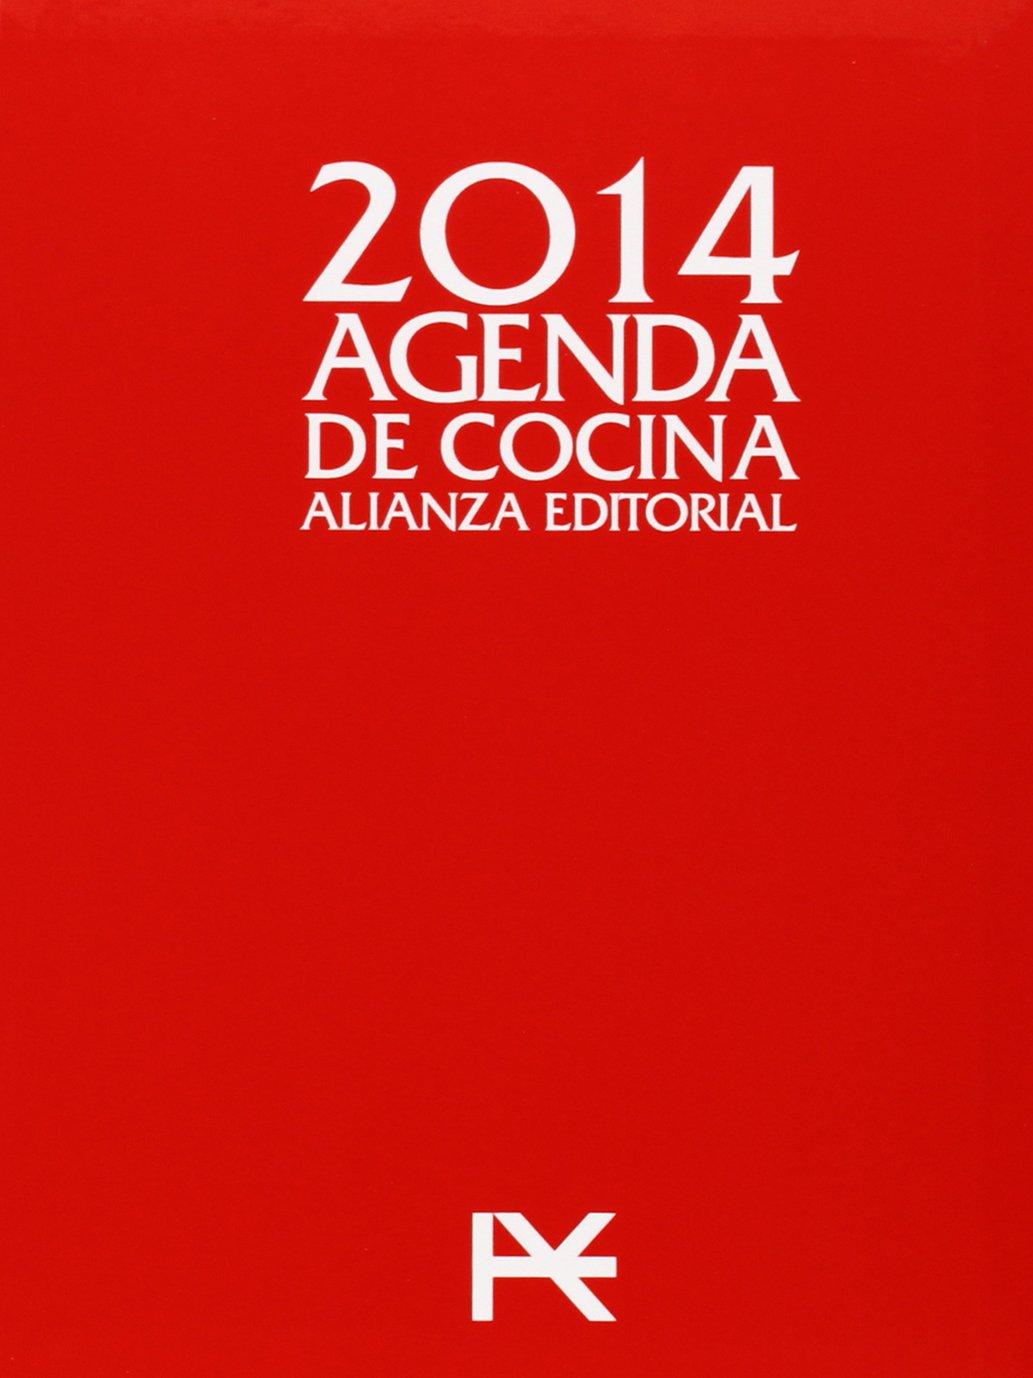 1080 recetas de cocina / 1080 cooking recipes (Spanish Edition): Simone  Ortega Klein: 9788420678474: Amazon.com: Books